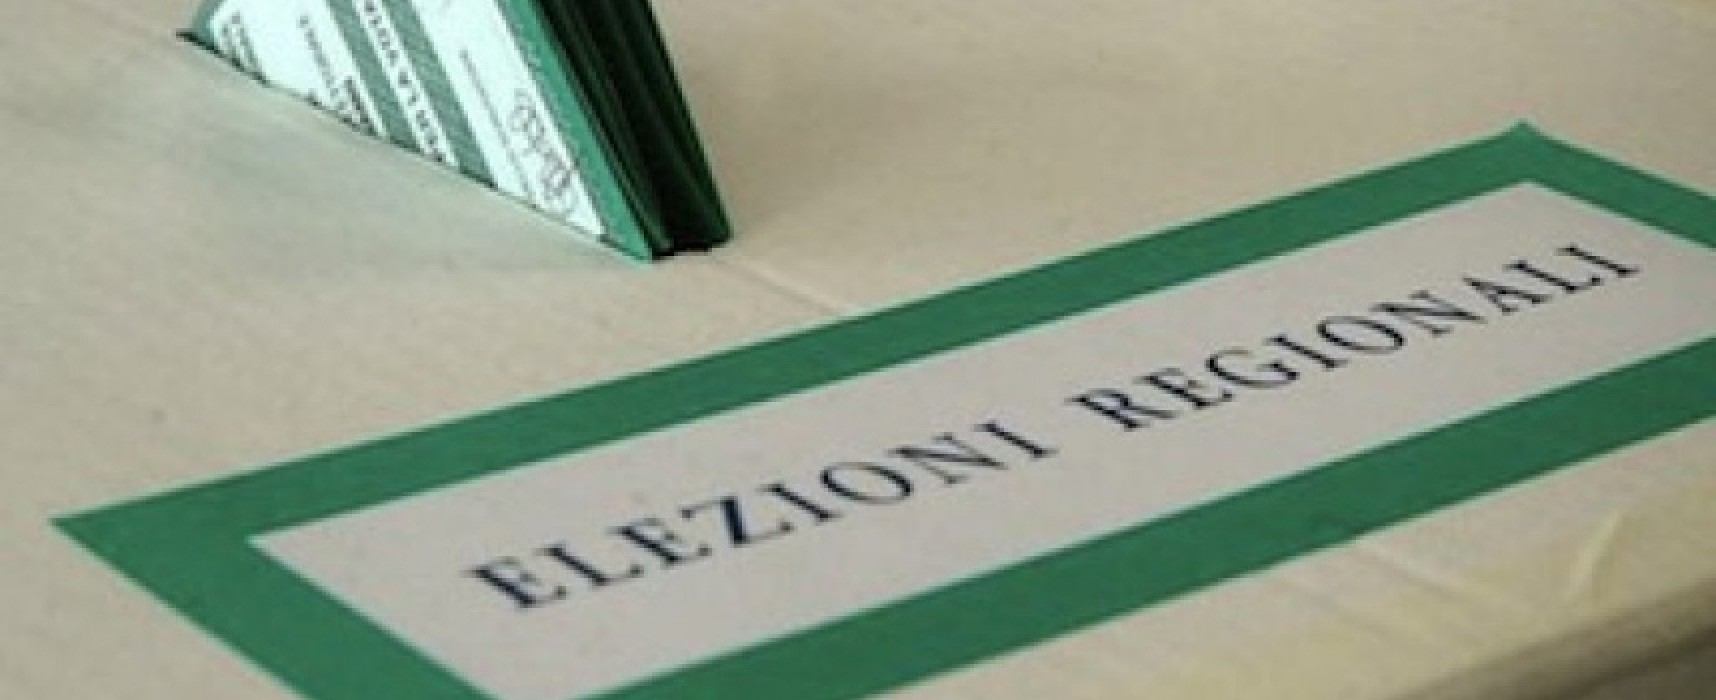 Nominati i presidenti di seggio per le elezioni regionali del 31 maggio / ELENCO